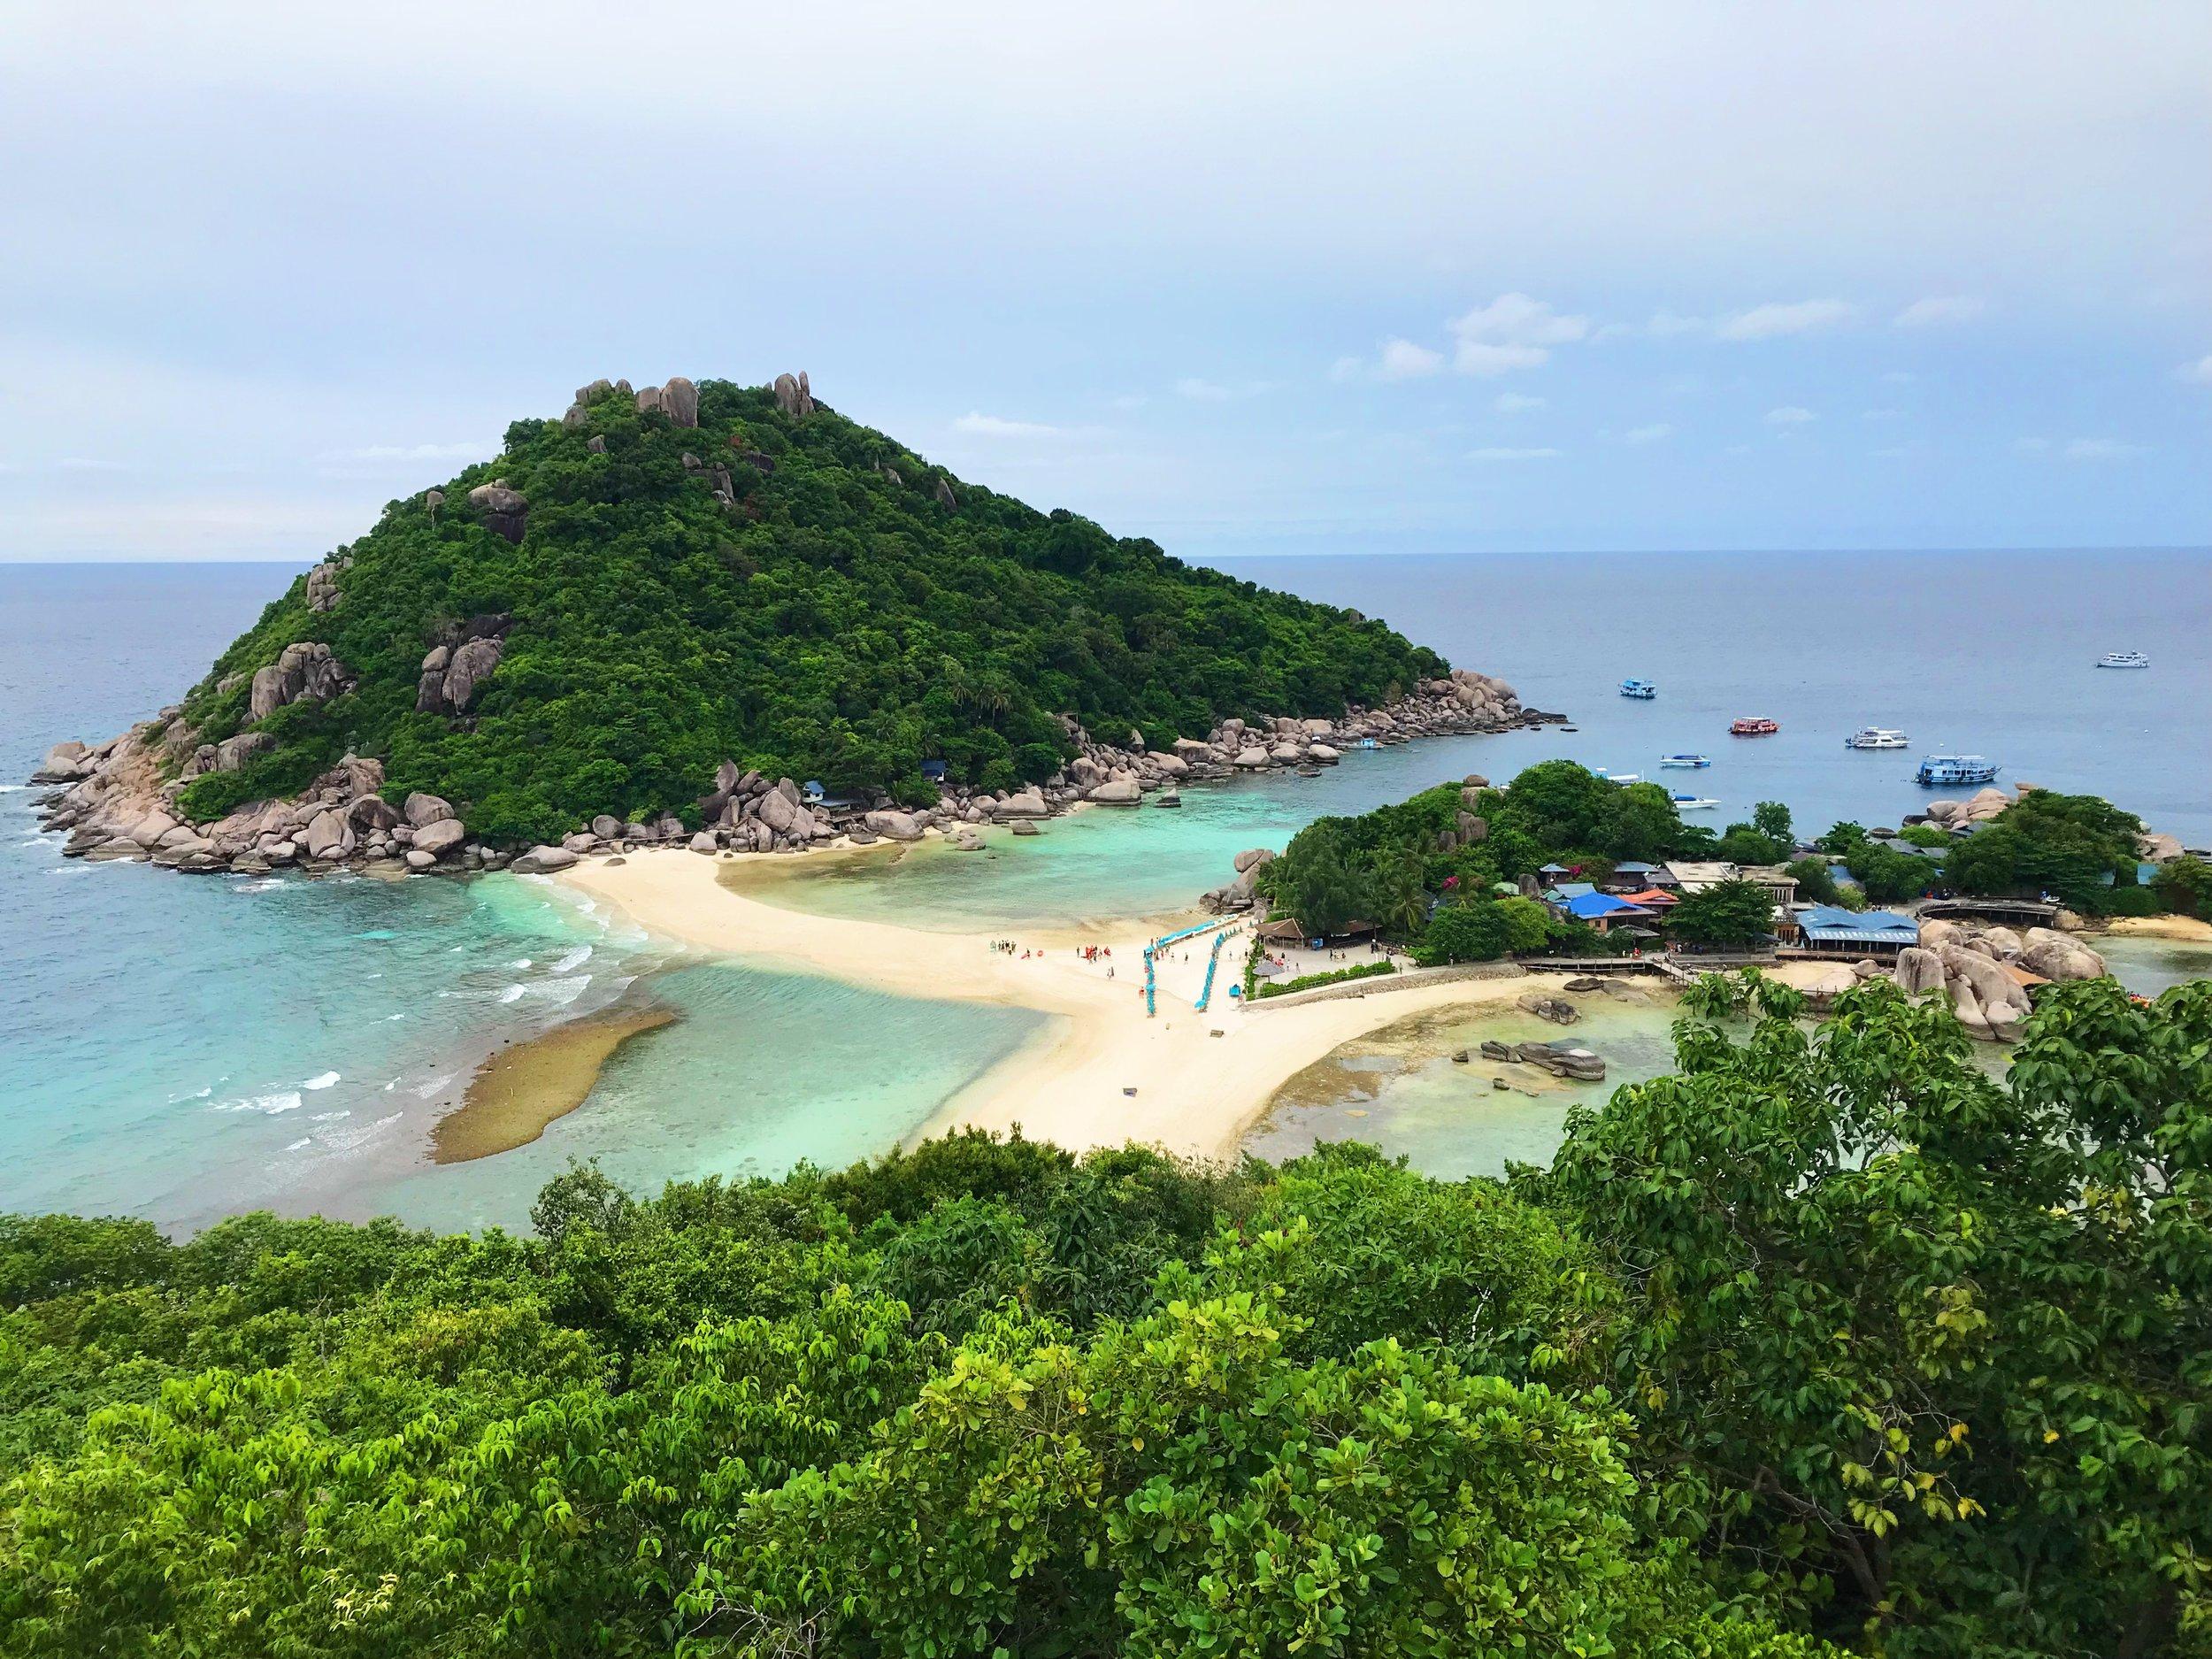 View point at Koh Nangyaun